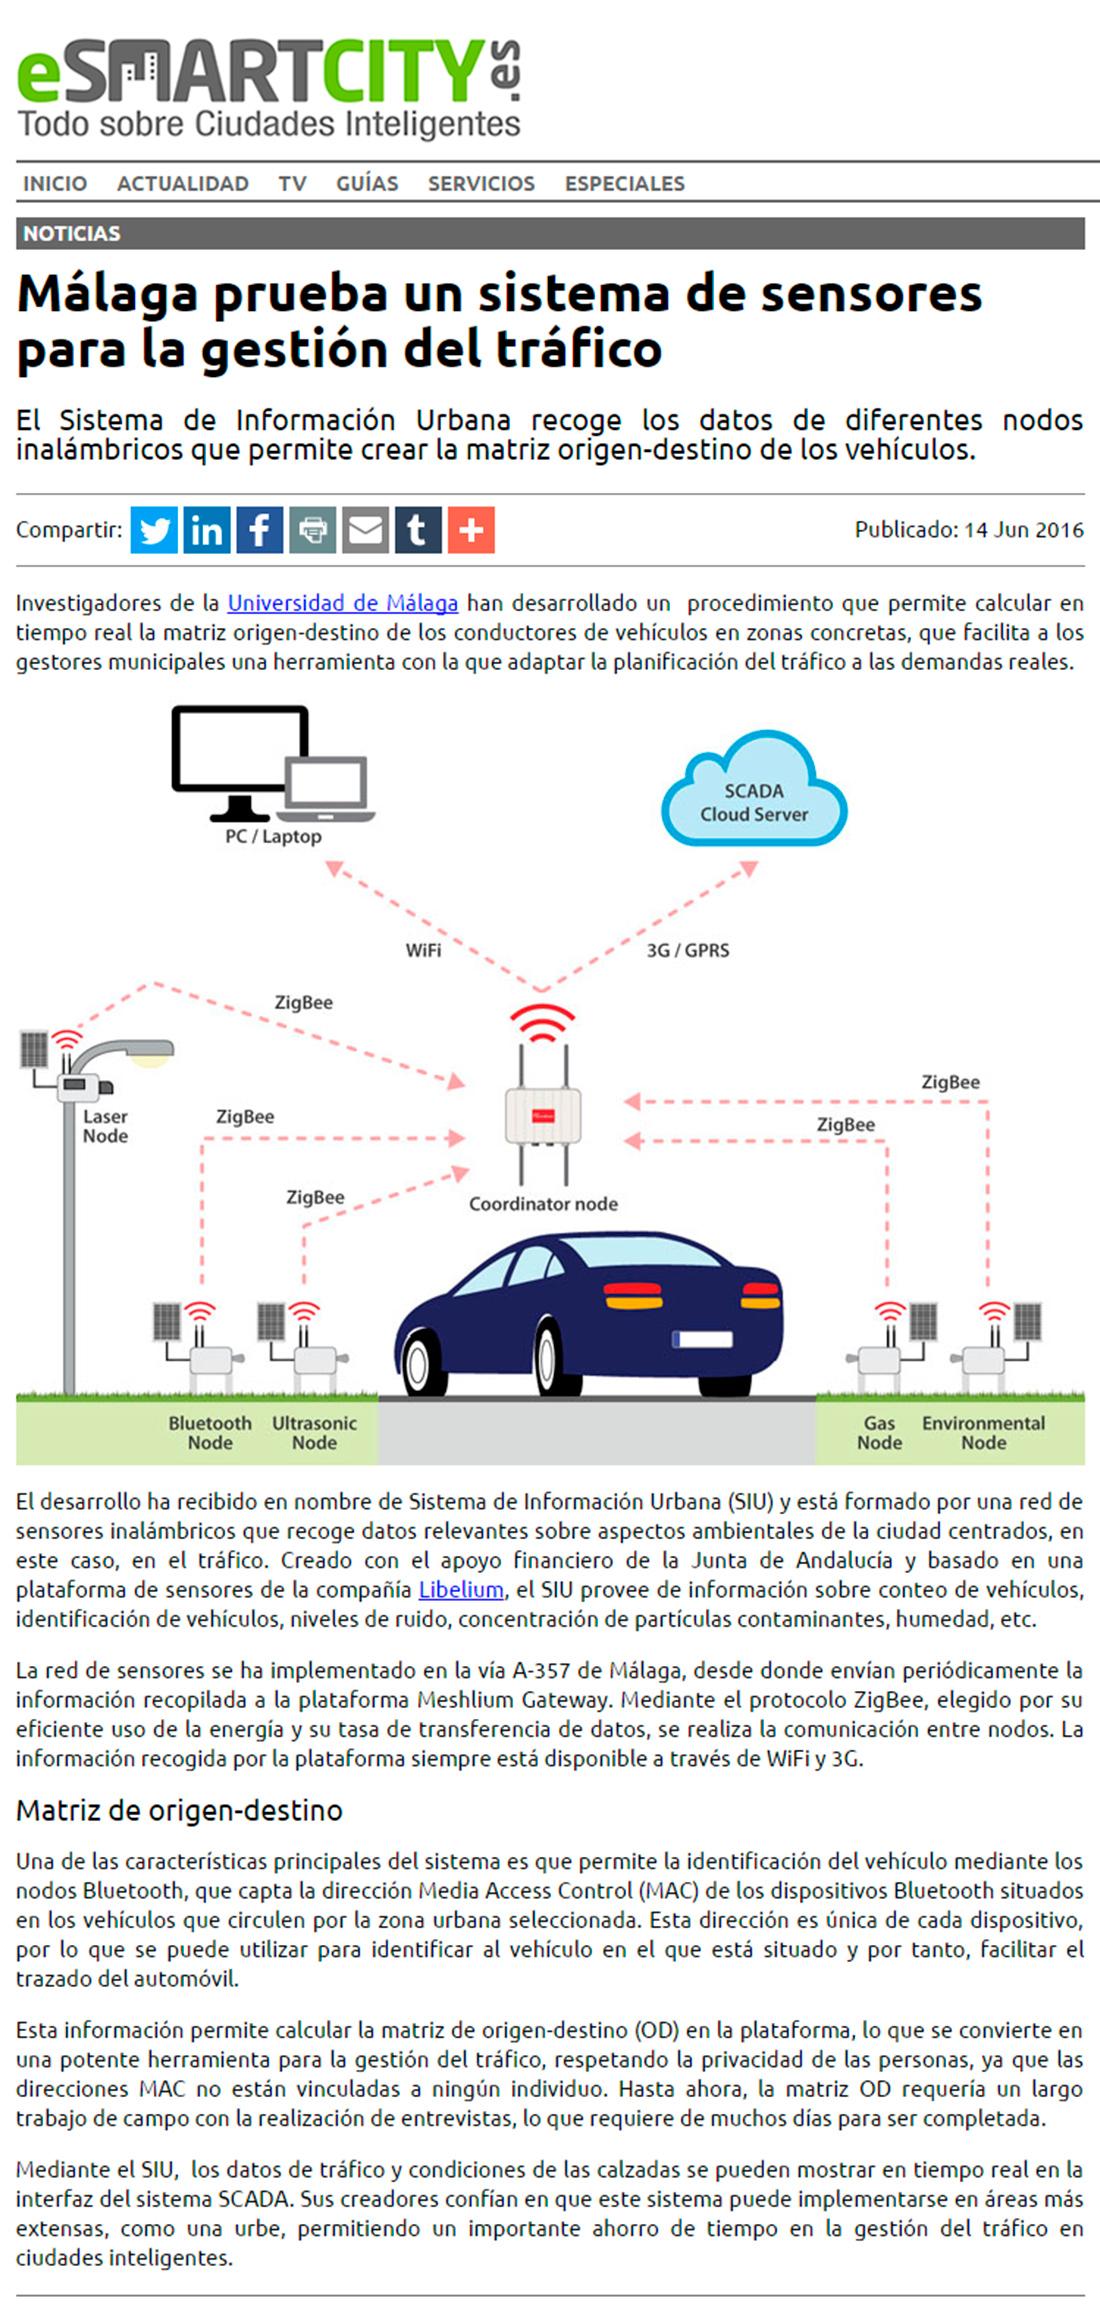 Esmartcity.es – Málaga: sensores para la gestión del tráfico